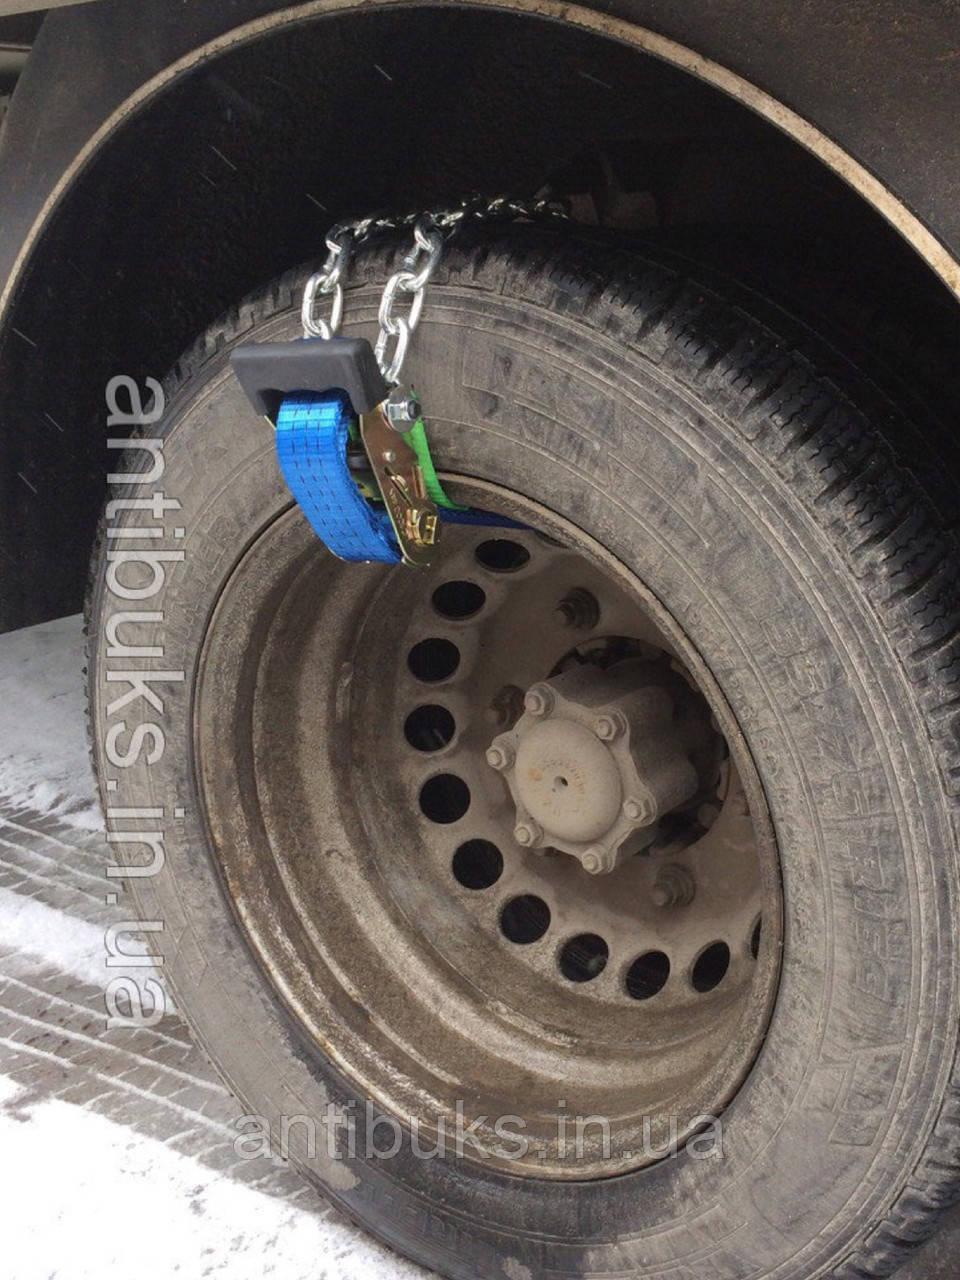 Цепи браслеты противоскольжения БУЦ для двух скатных авто.Газель...